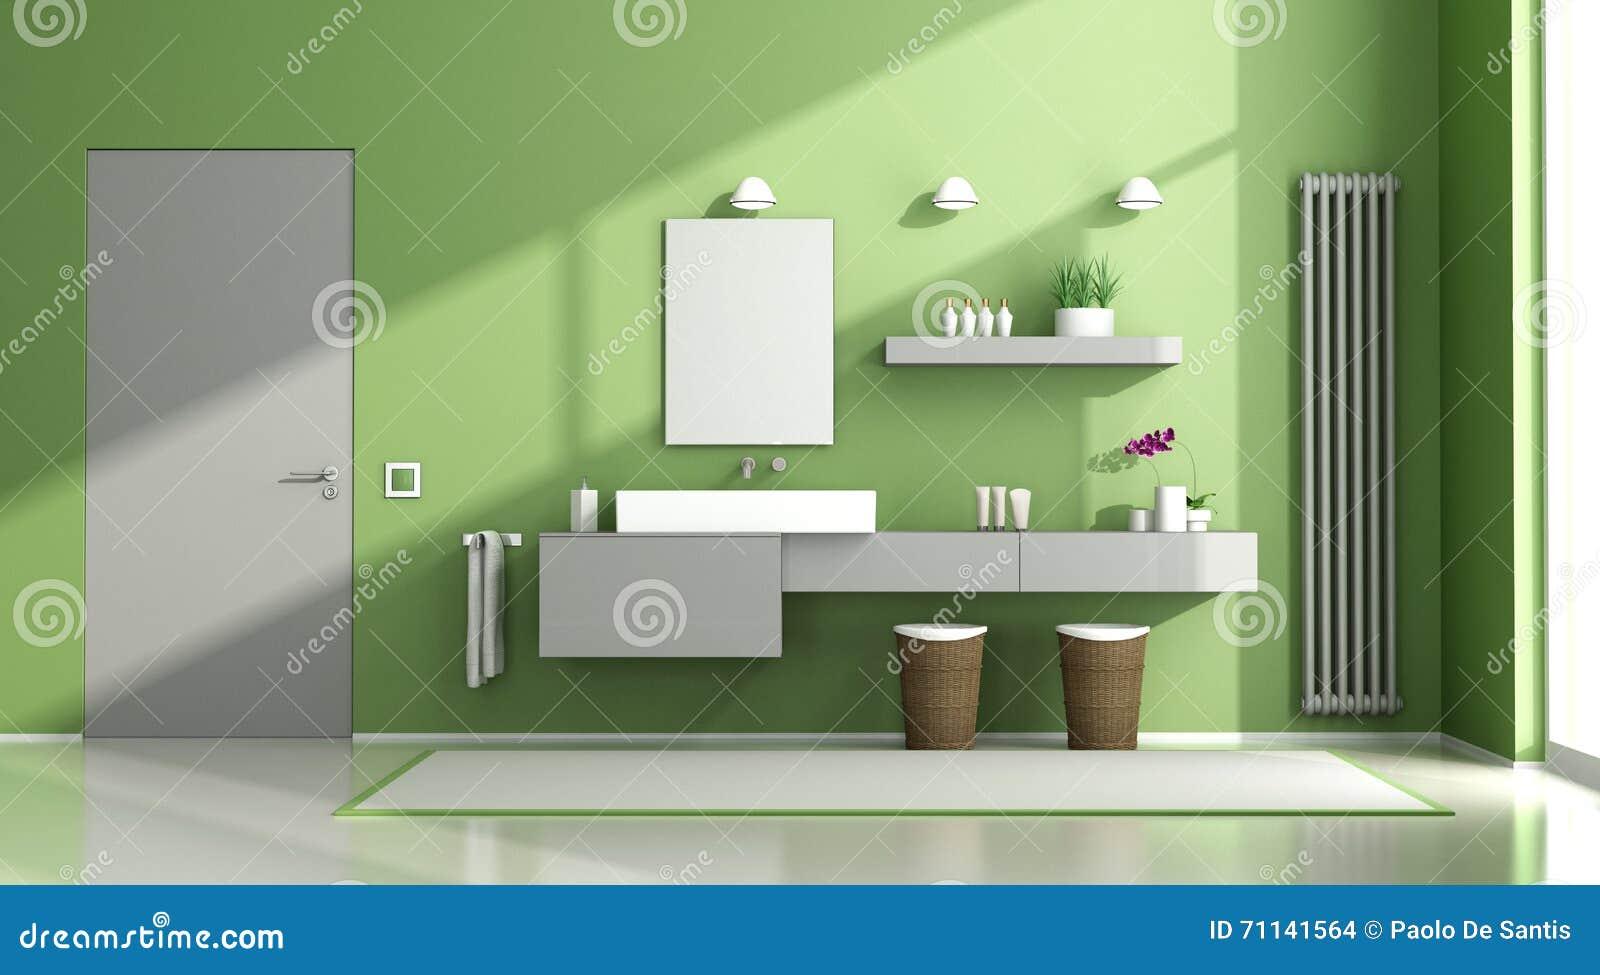 Salle A Manger Vert Et Marron: Mosaique salle bain verte. Couleurs ...